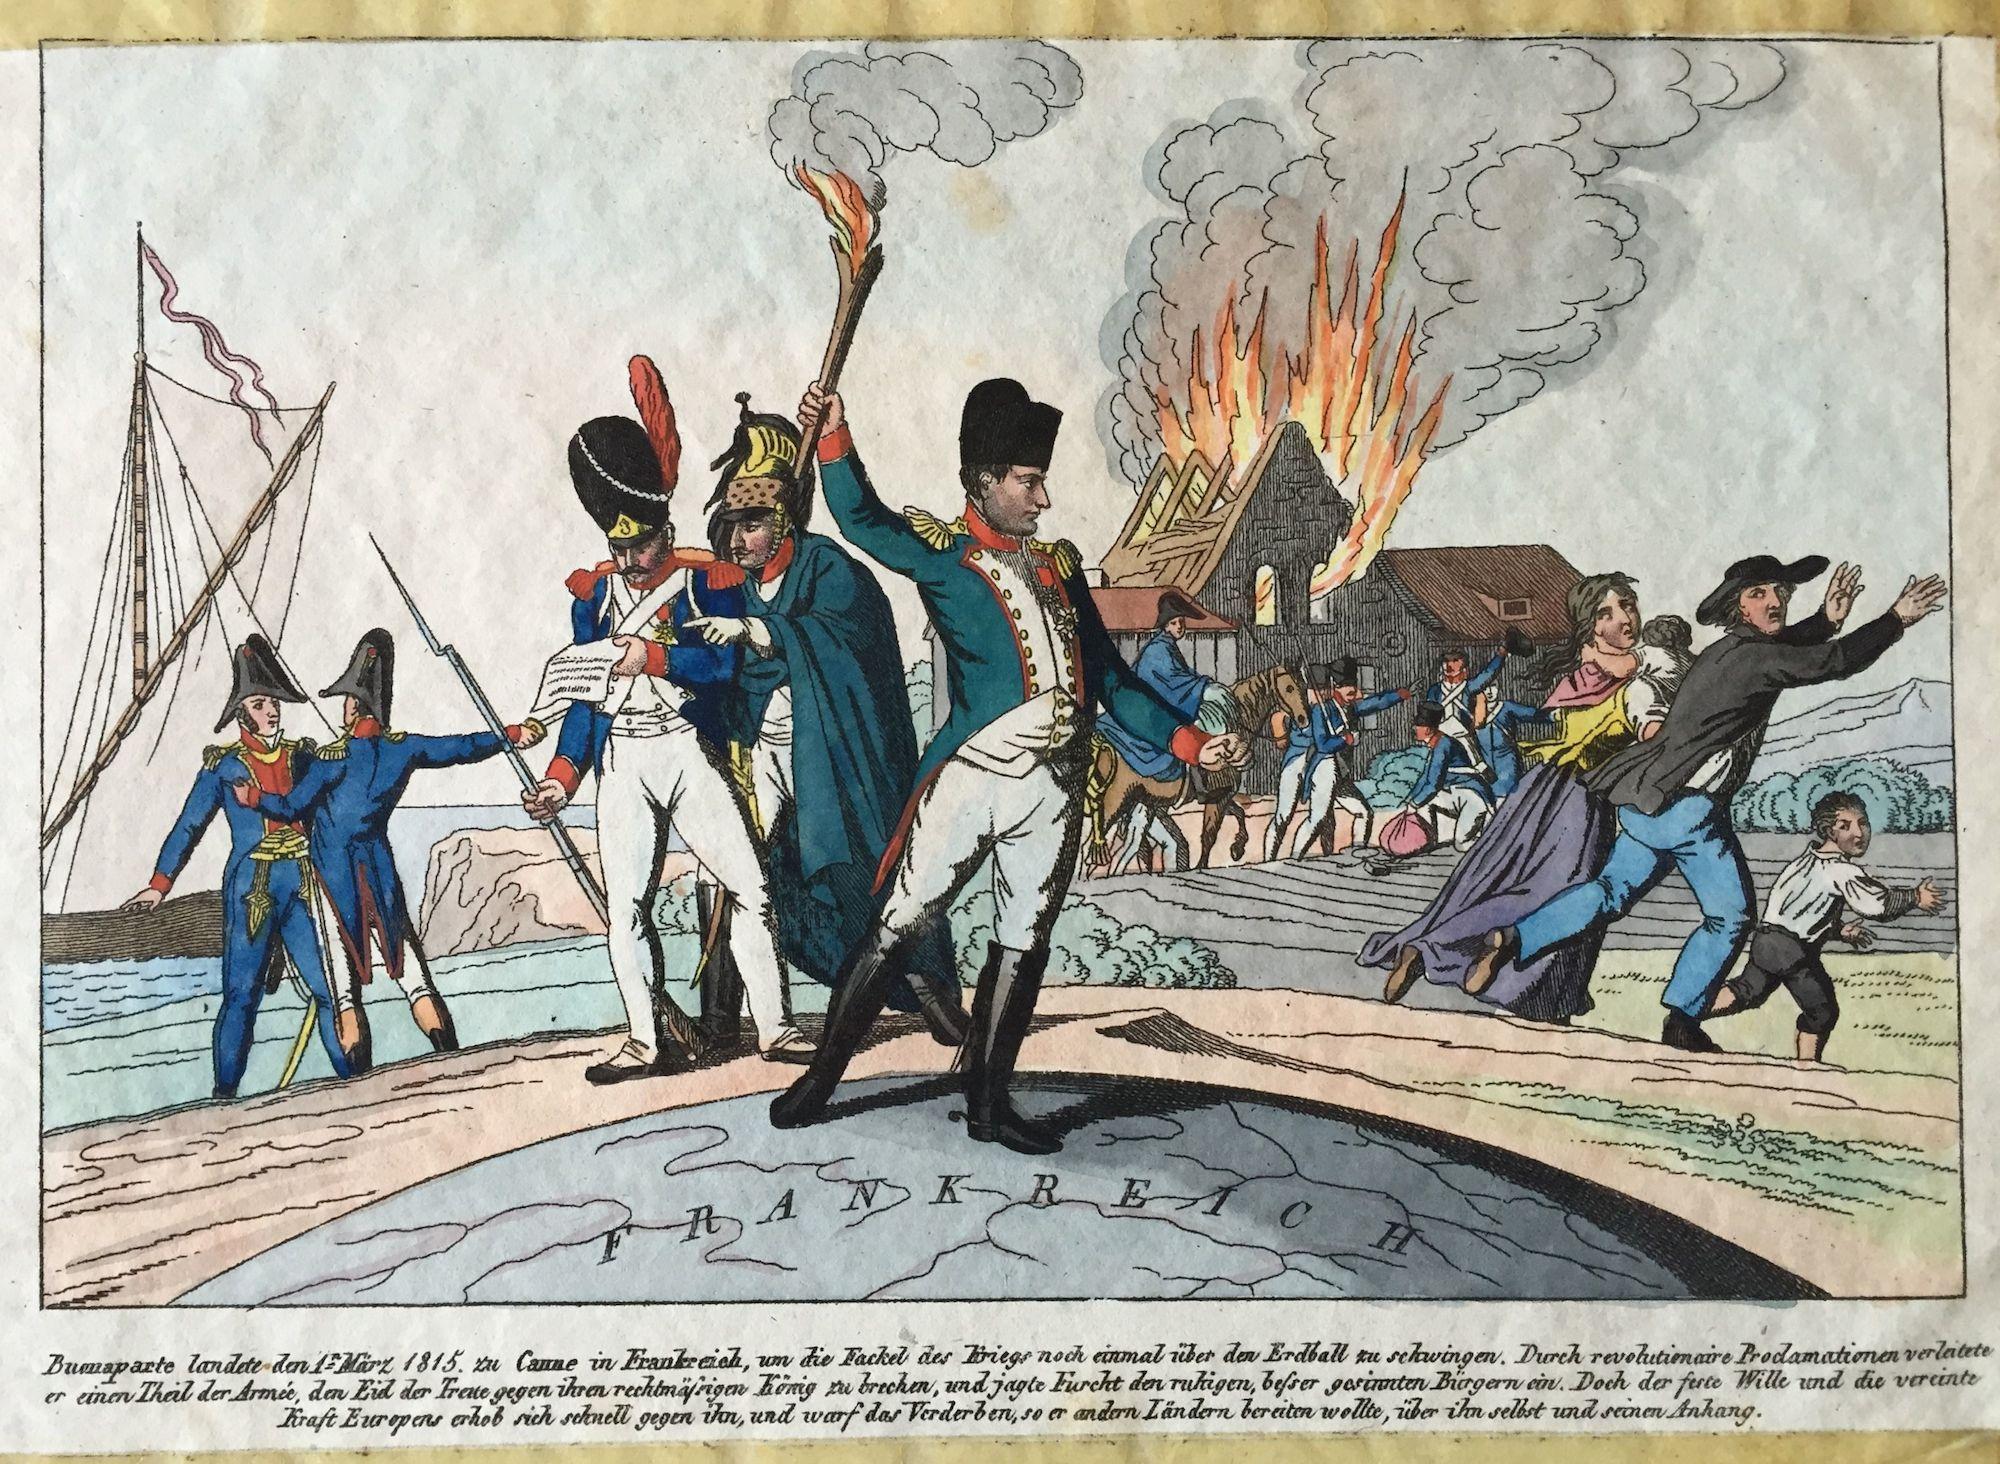 Napoleonic Bloodshed cropped and straightened RESIZED.jpeg